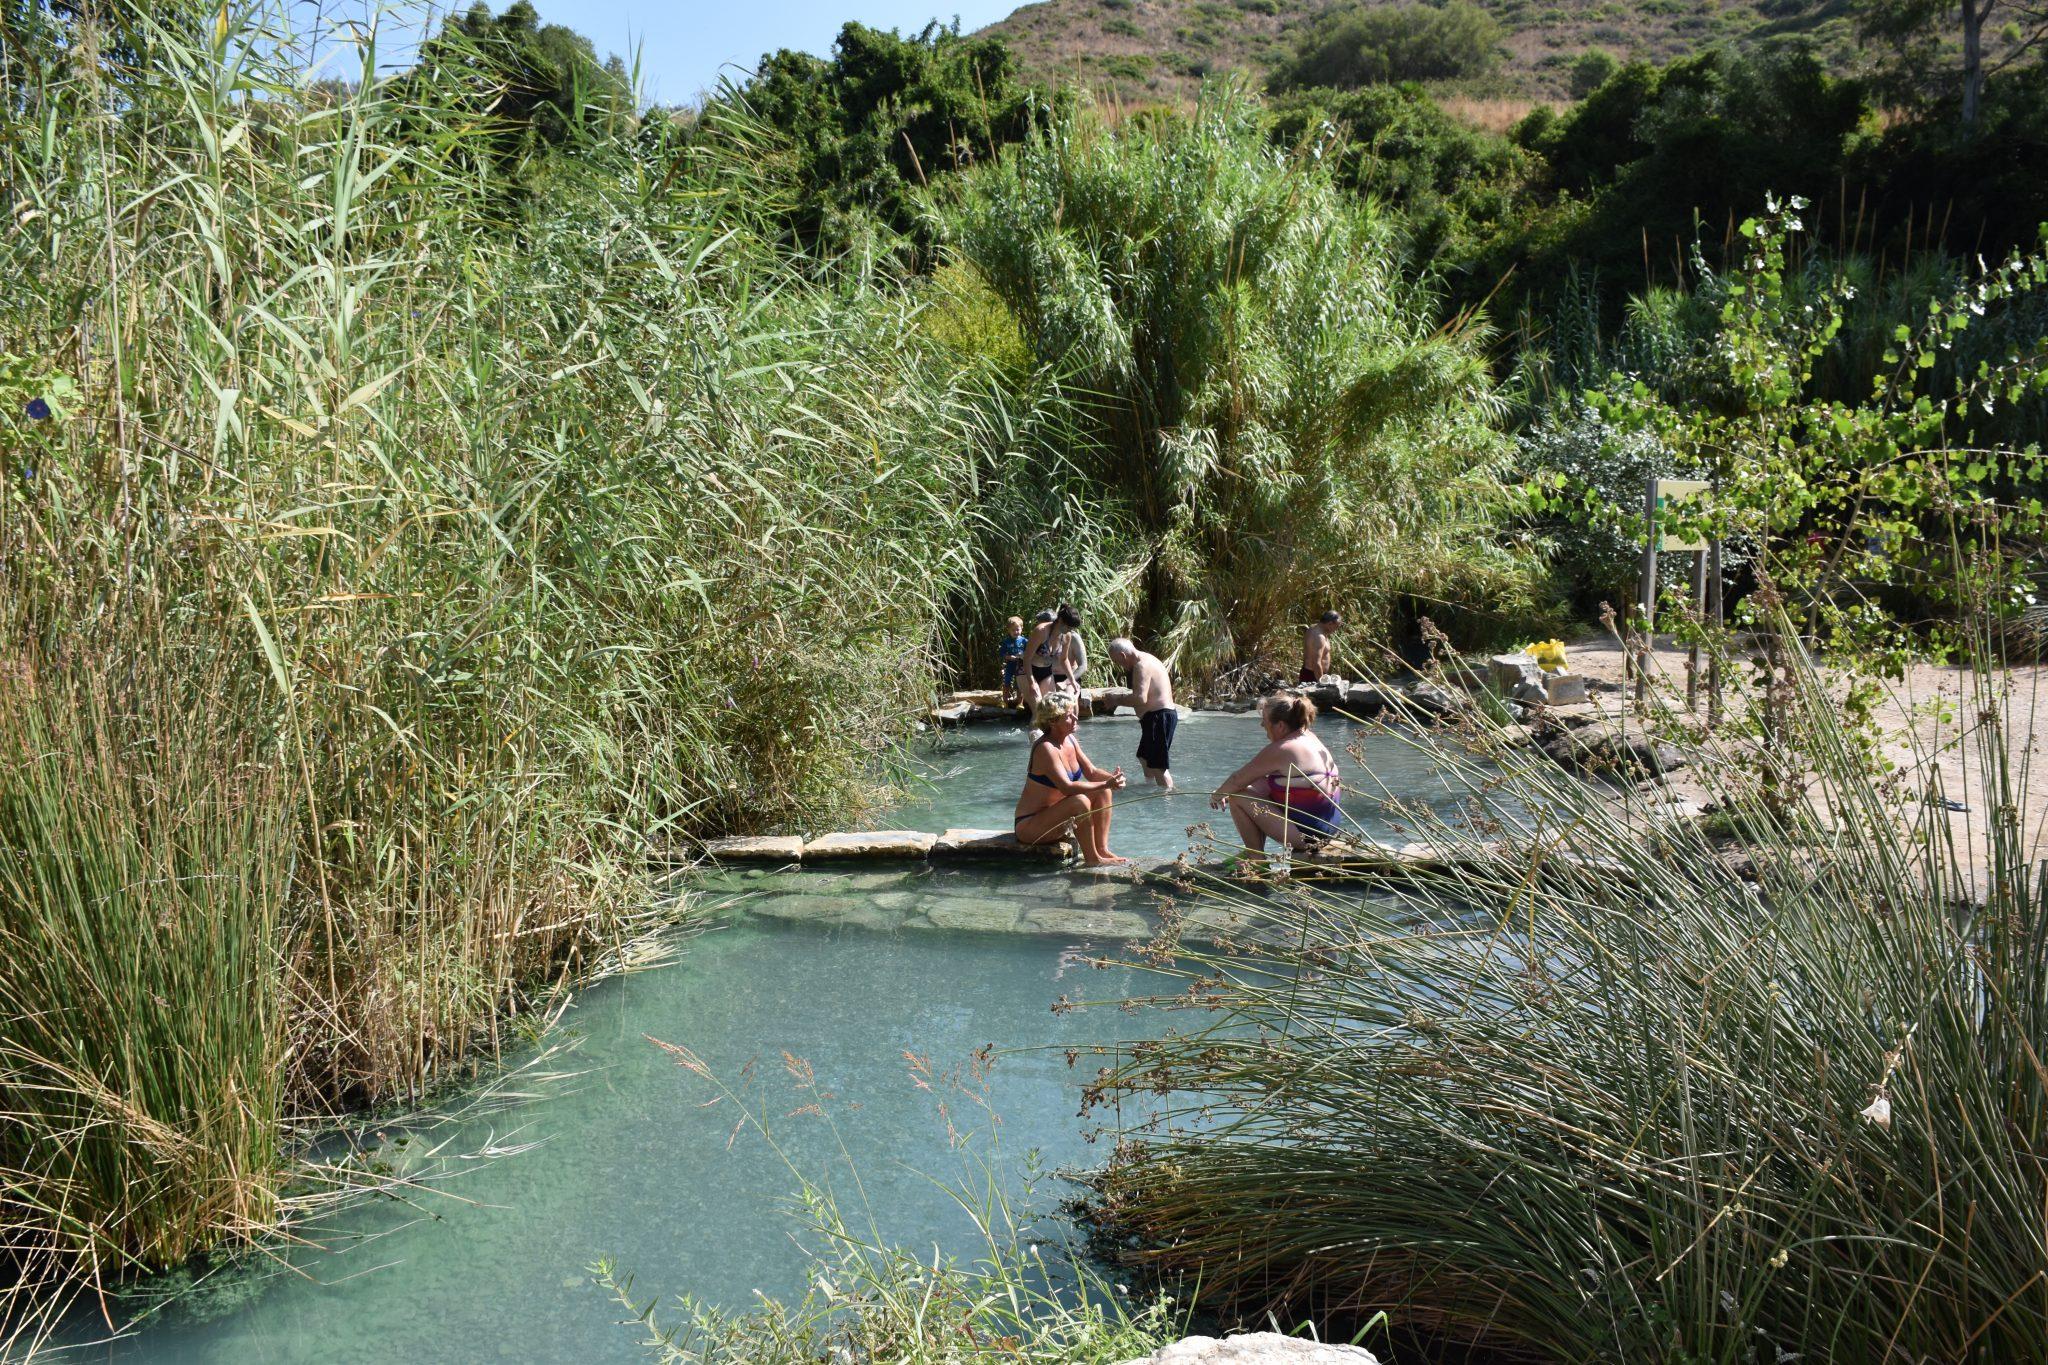 Man kan välja att bada i vattnet utanför grottorna. Det här samma vatten med hög halt av svavel som är bra för huden och kroppen.